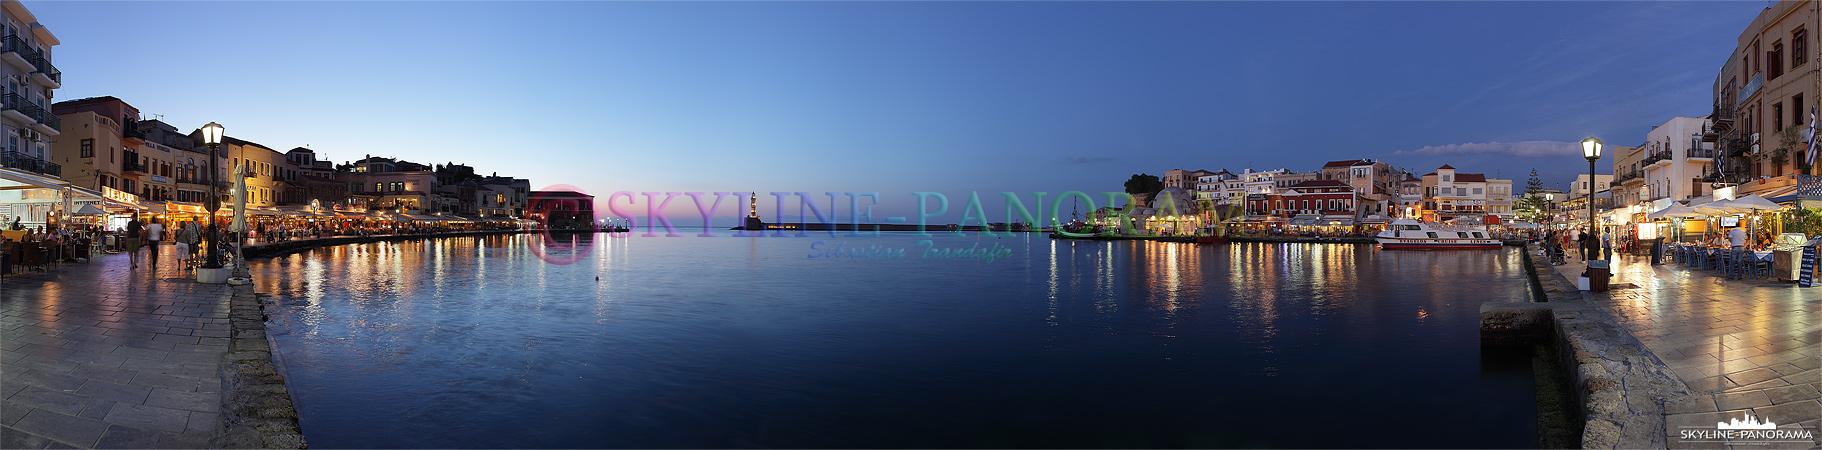 Der venezianische Hafen mit dem Leuchtturm von Chania und zahlreichen Restaurants sind ein Muss für jeden Besucher der im Westen Kretas gelegenen Hafenstadt.